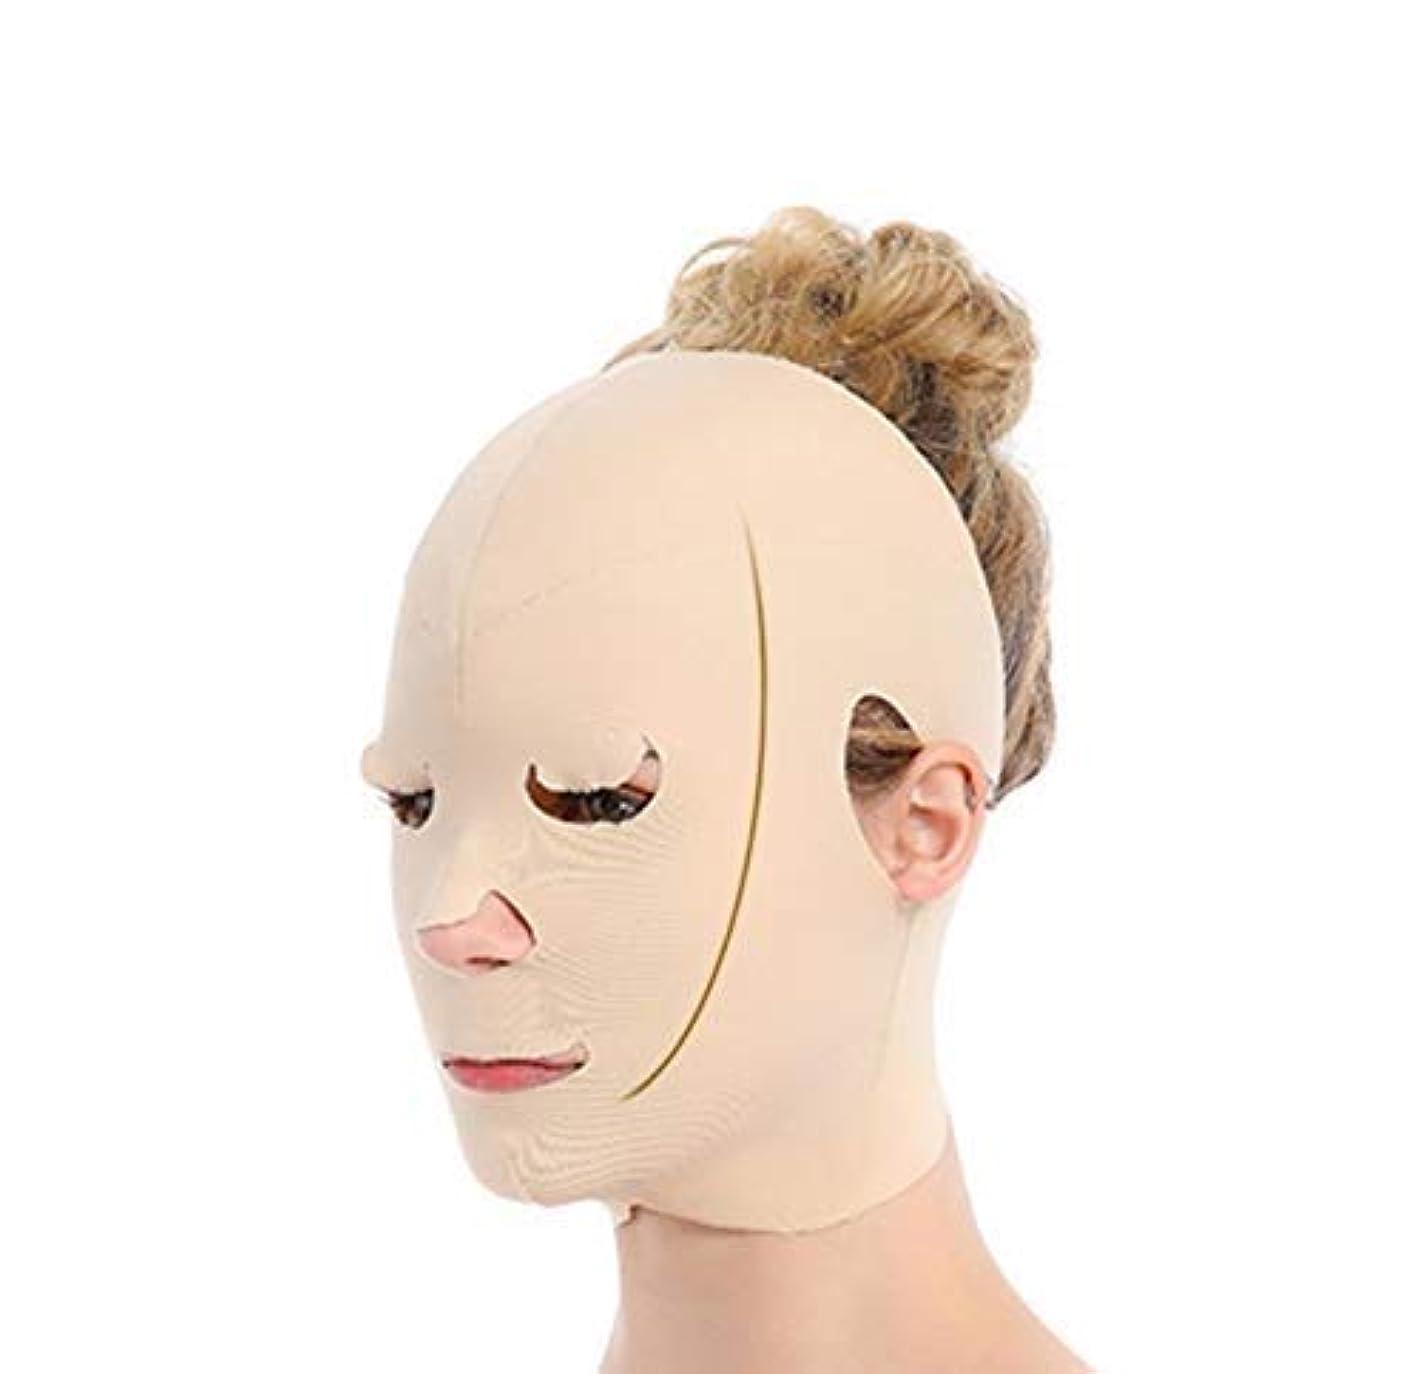 ディンカルビルしたいテンポ小さな顔ツールV顔包帯薄い顔美容マスク怠Faceな睡眠マスク男性と女性V顔包帯整形リフティング引き締め顔薄い二重あご